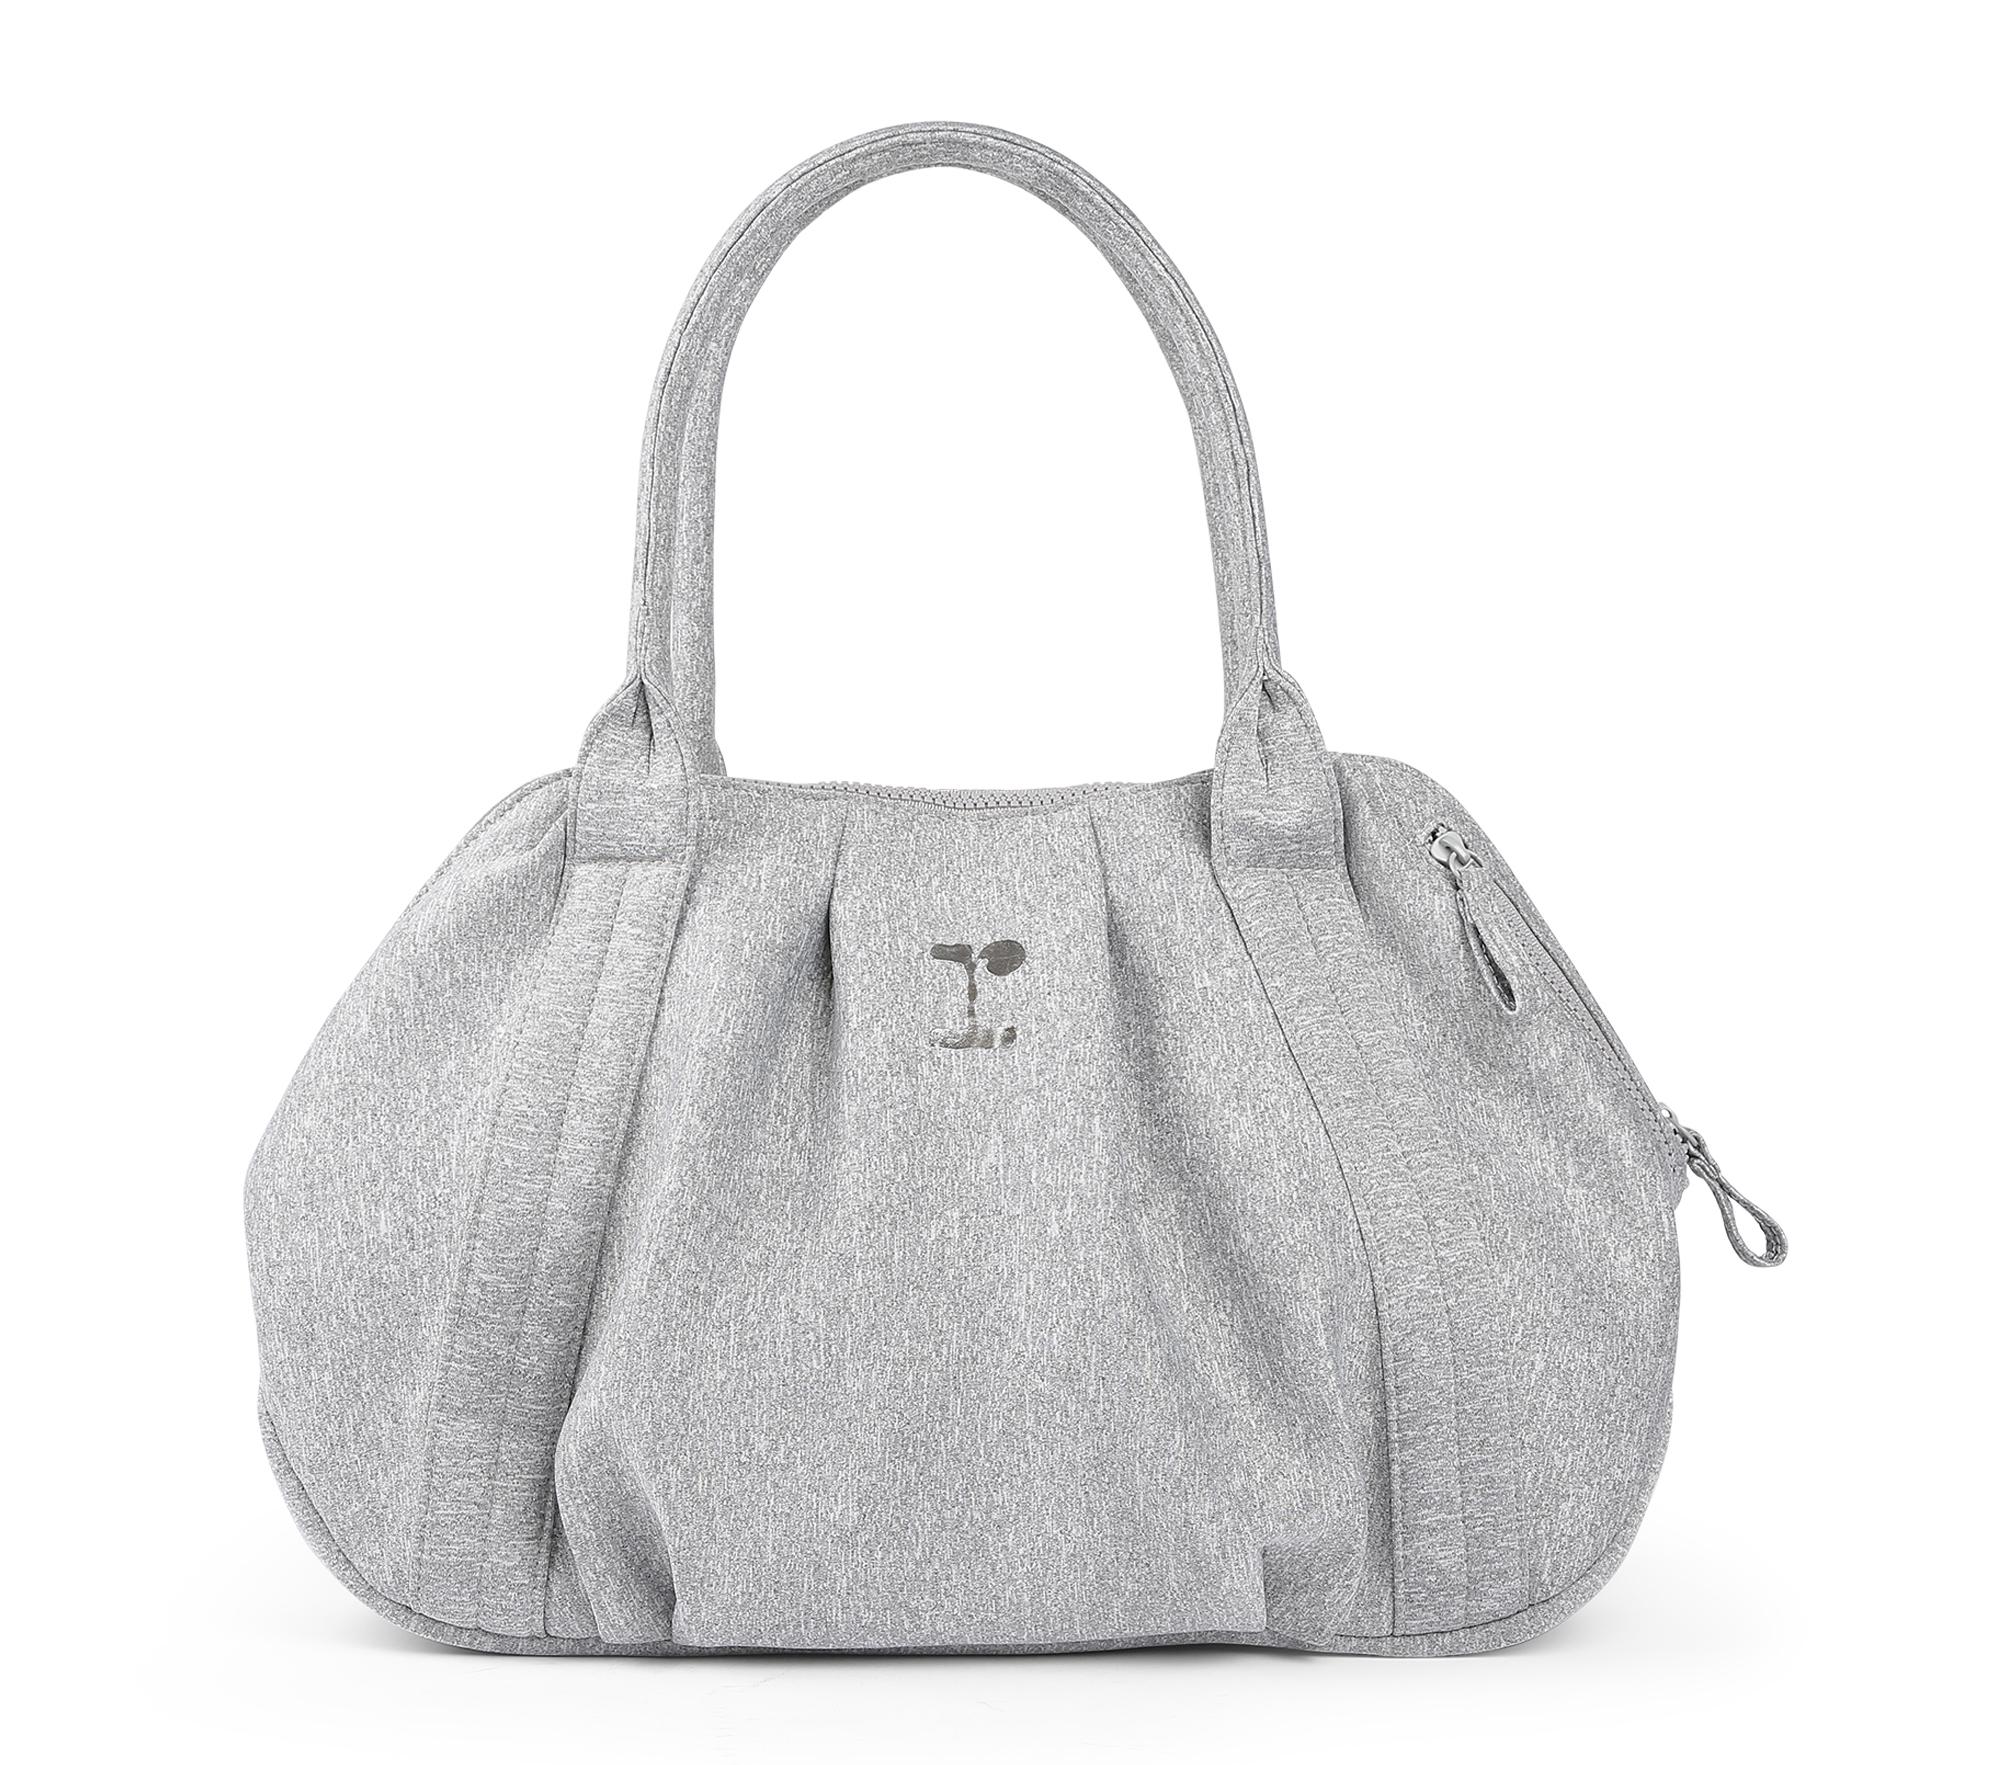 Valse Ladies Handbag